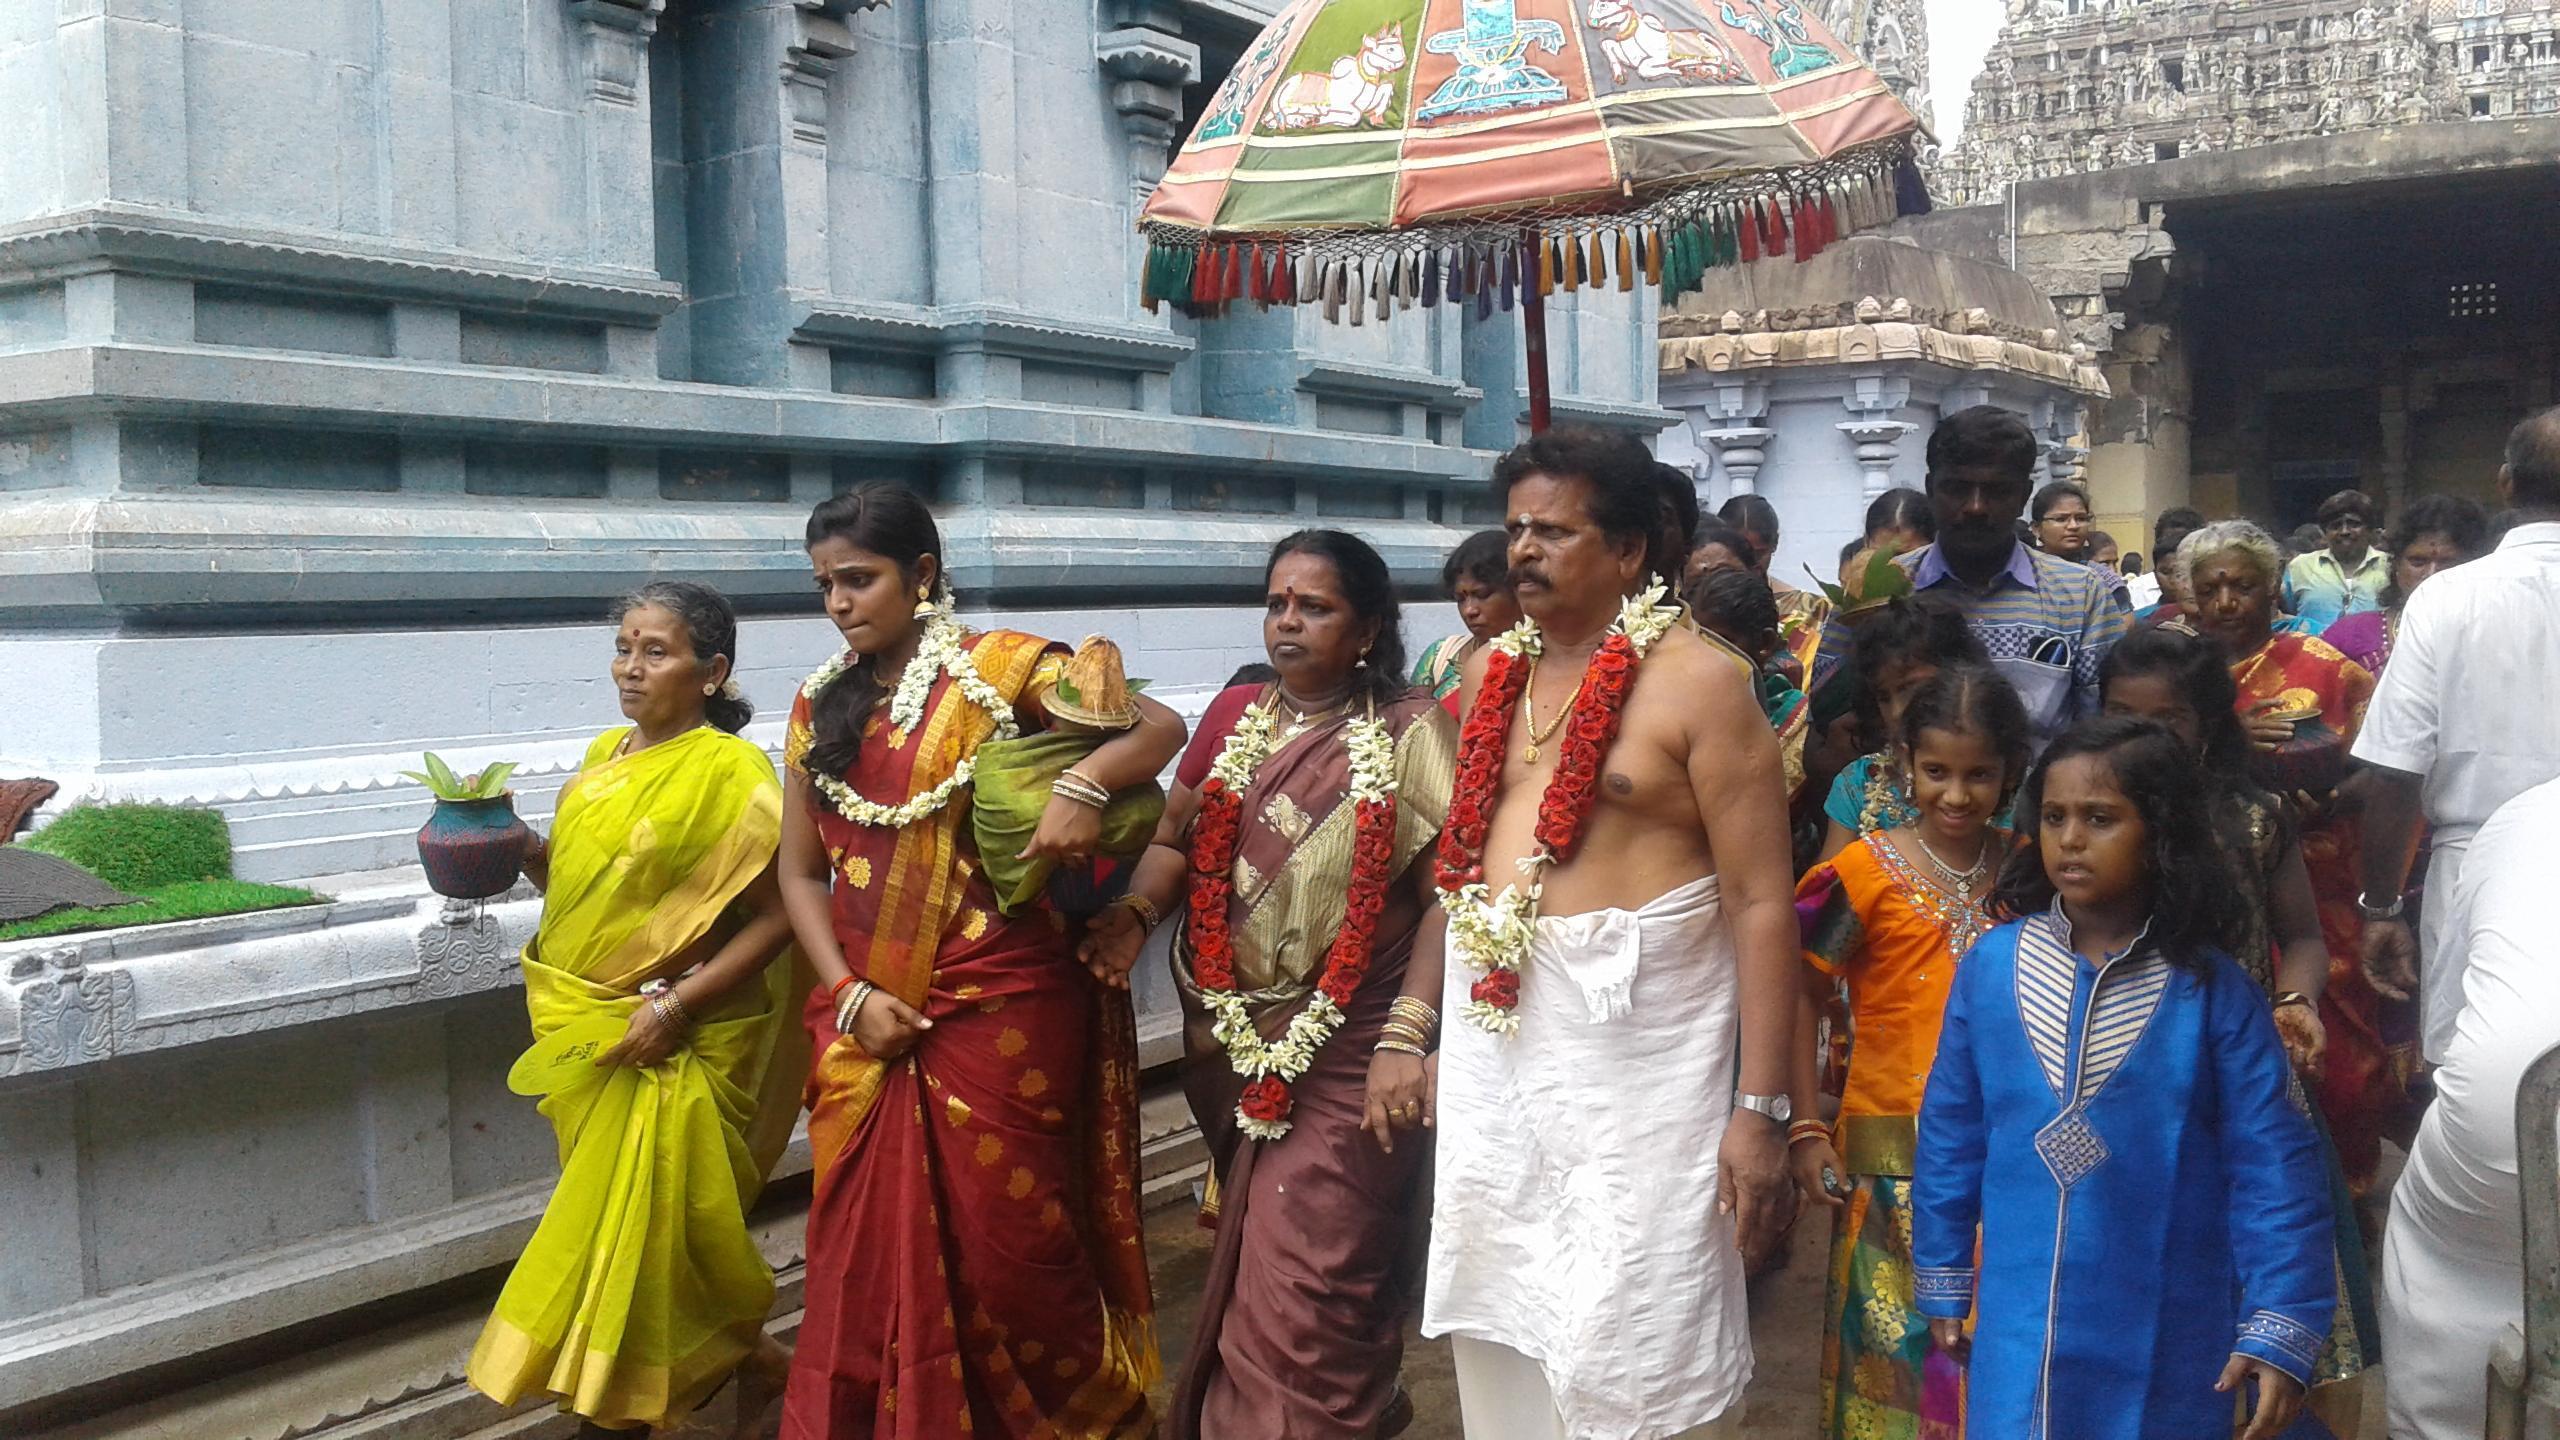 ஆயுஷ் ஹோமத் திருமணம்